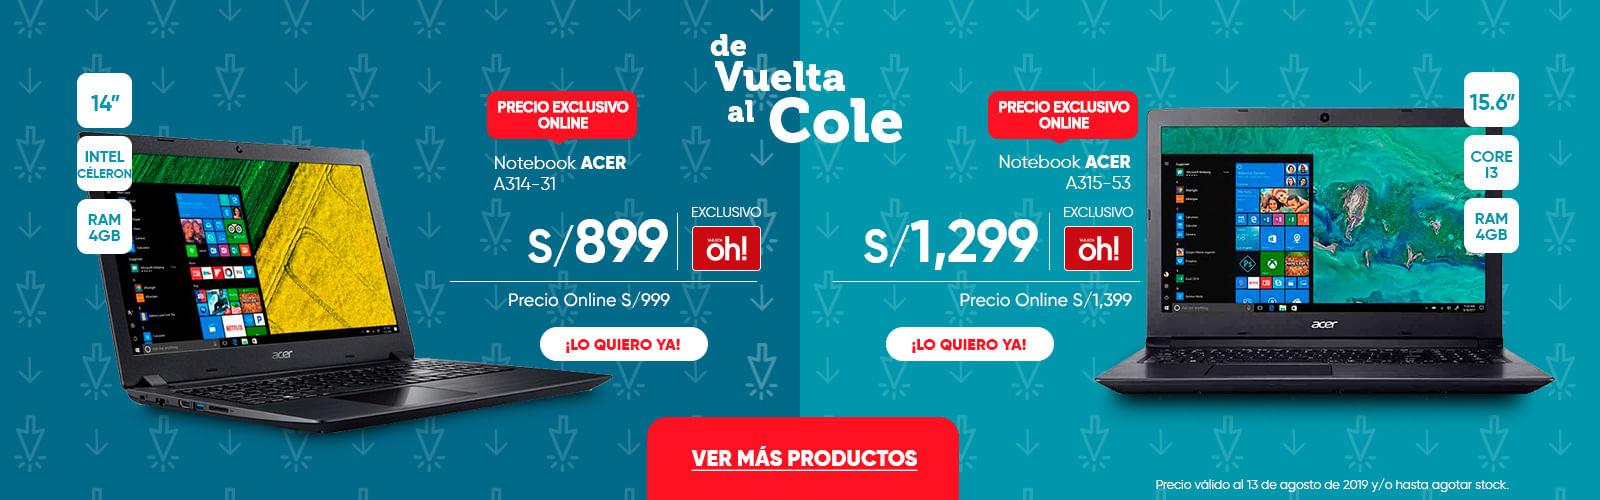 En VeaLos Mejores Supermercado Precios Electro Plaza Y wPuTlOXikZ